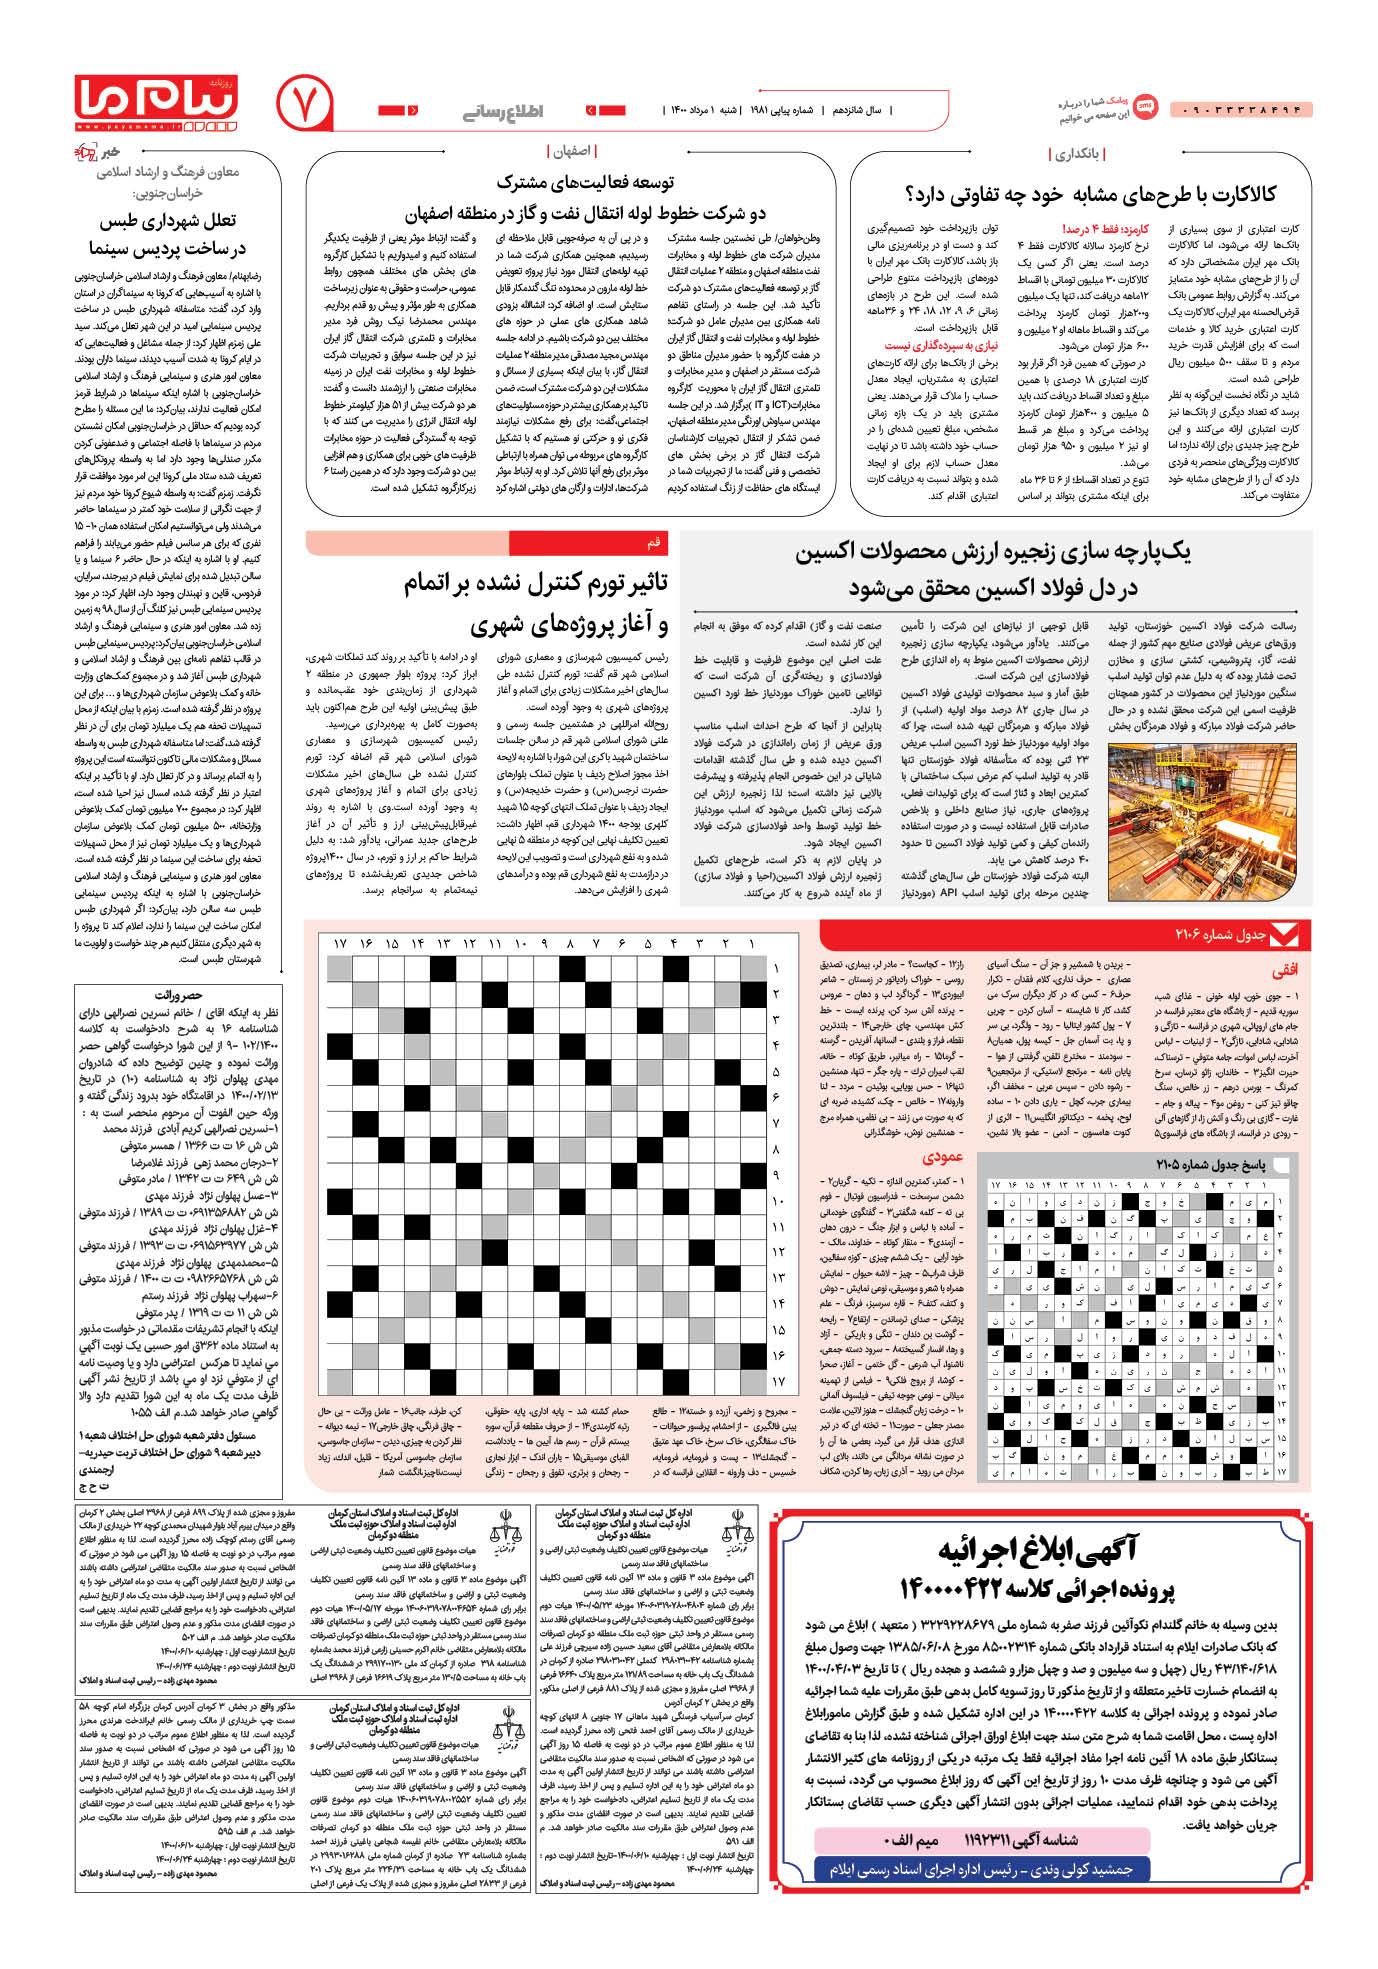 صفحه اطلاع رسانی شماره 2106 روزنامه پیام ما